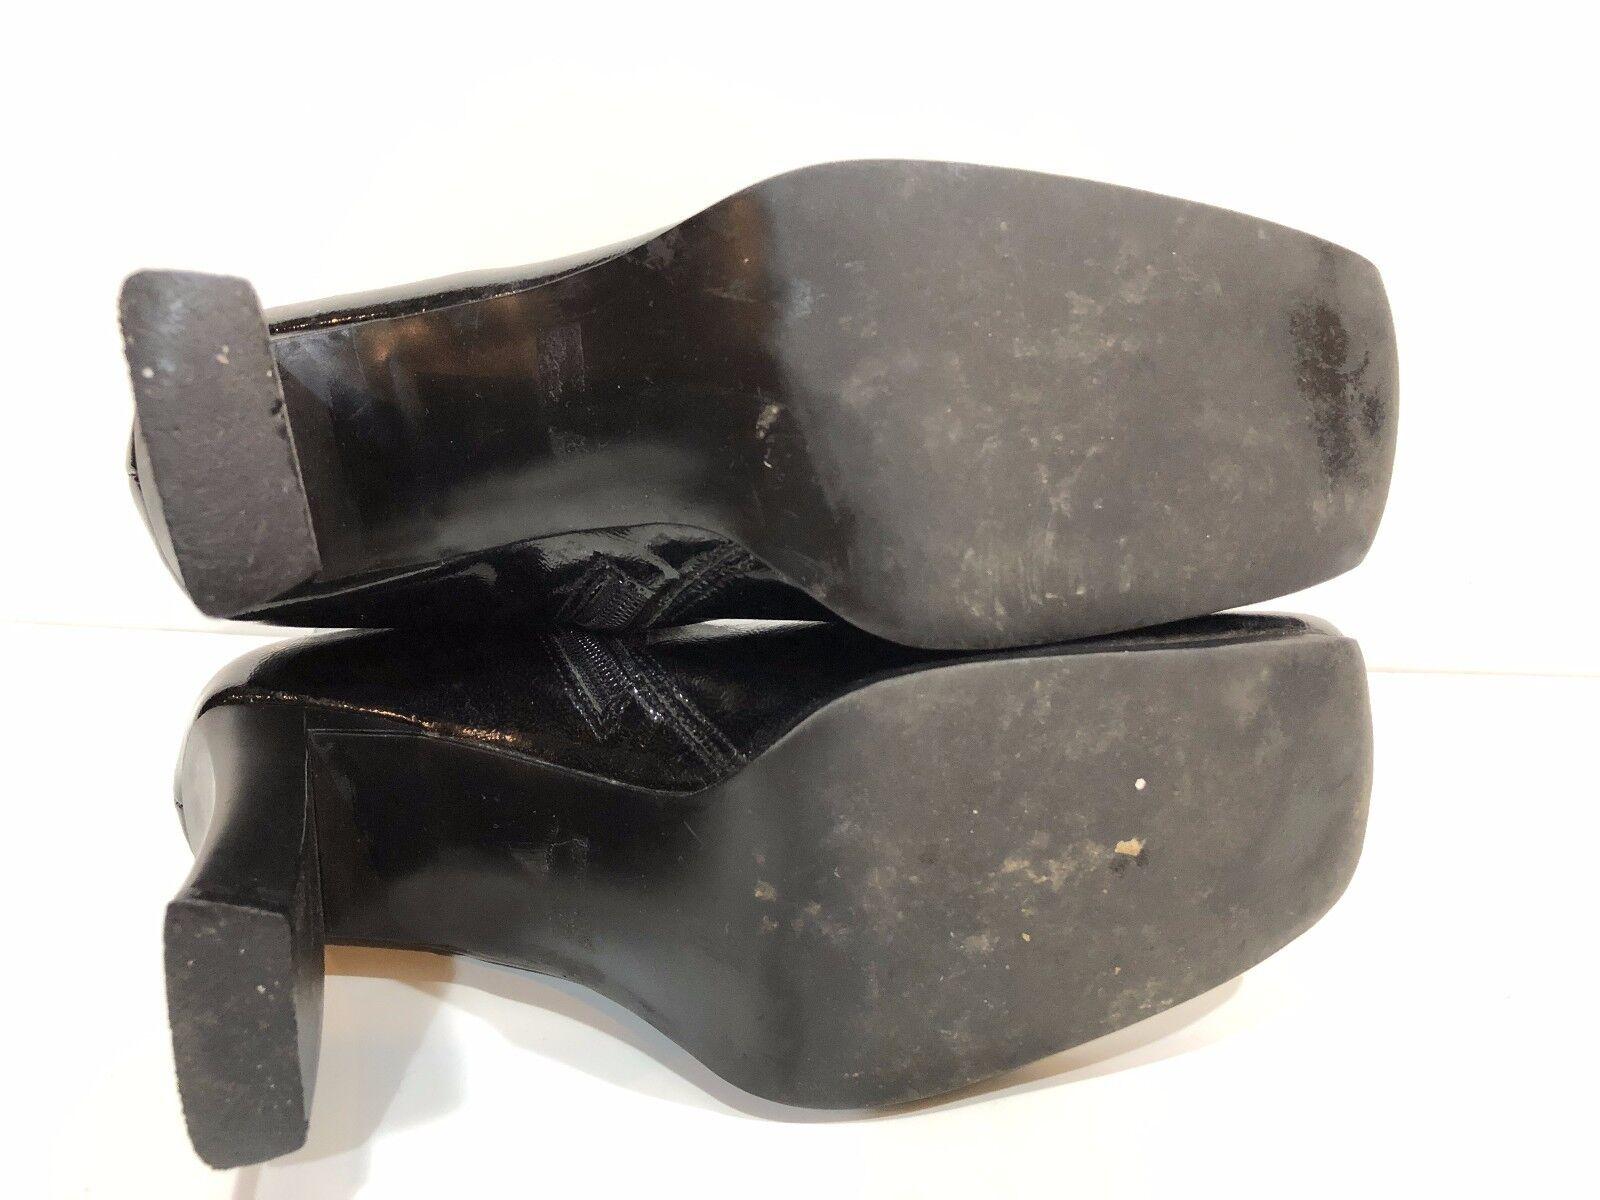 vis une vie b les bottines noires taille 8 b vie 26e571